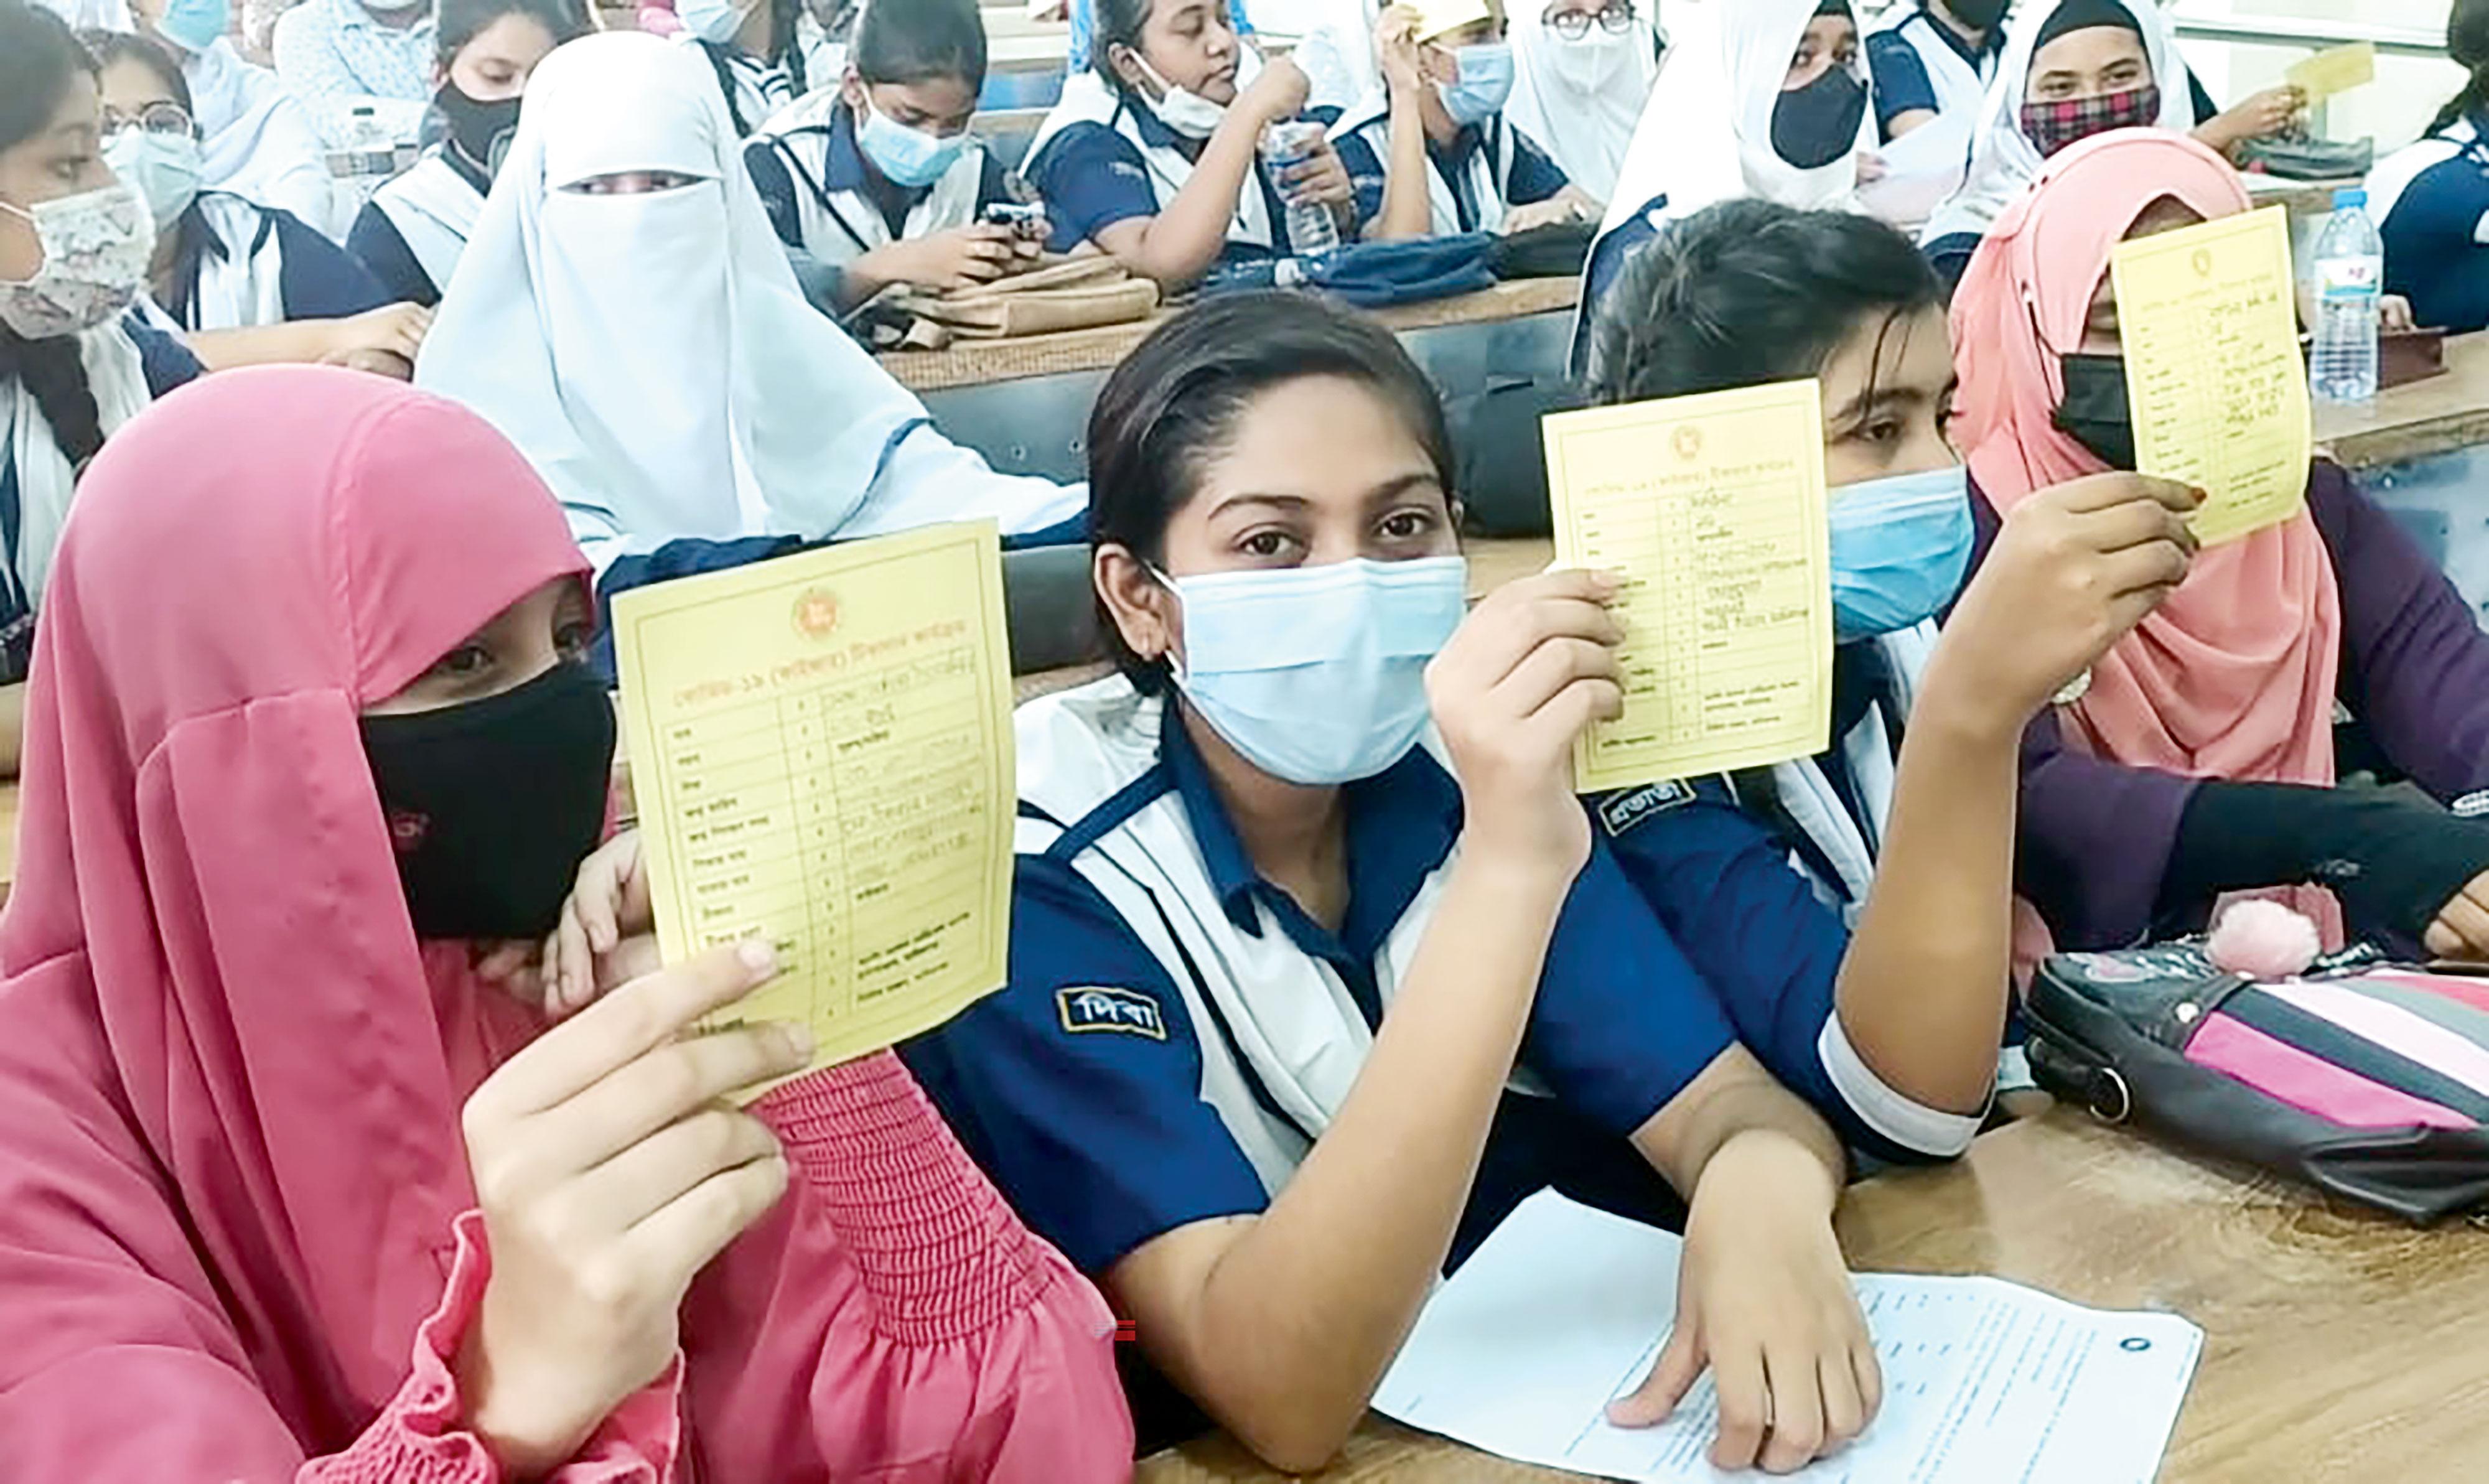 উৎসাহ-উদ্দীপনায় টিকা নিল স্কুল শিক্ষার্থীরা